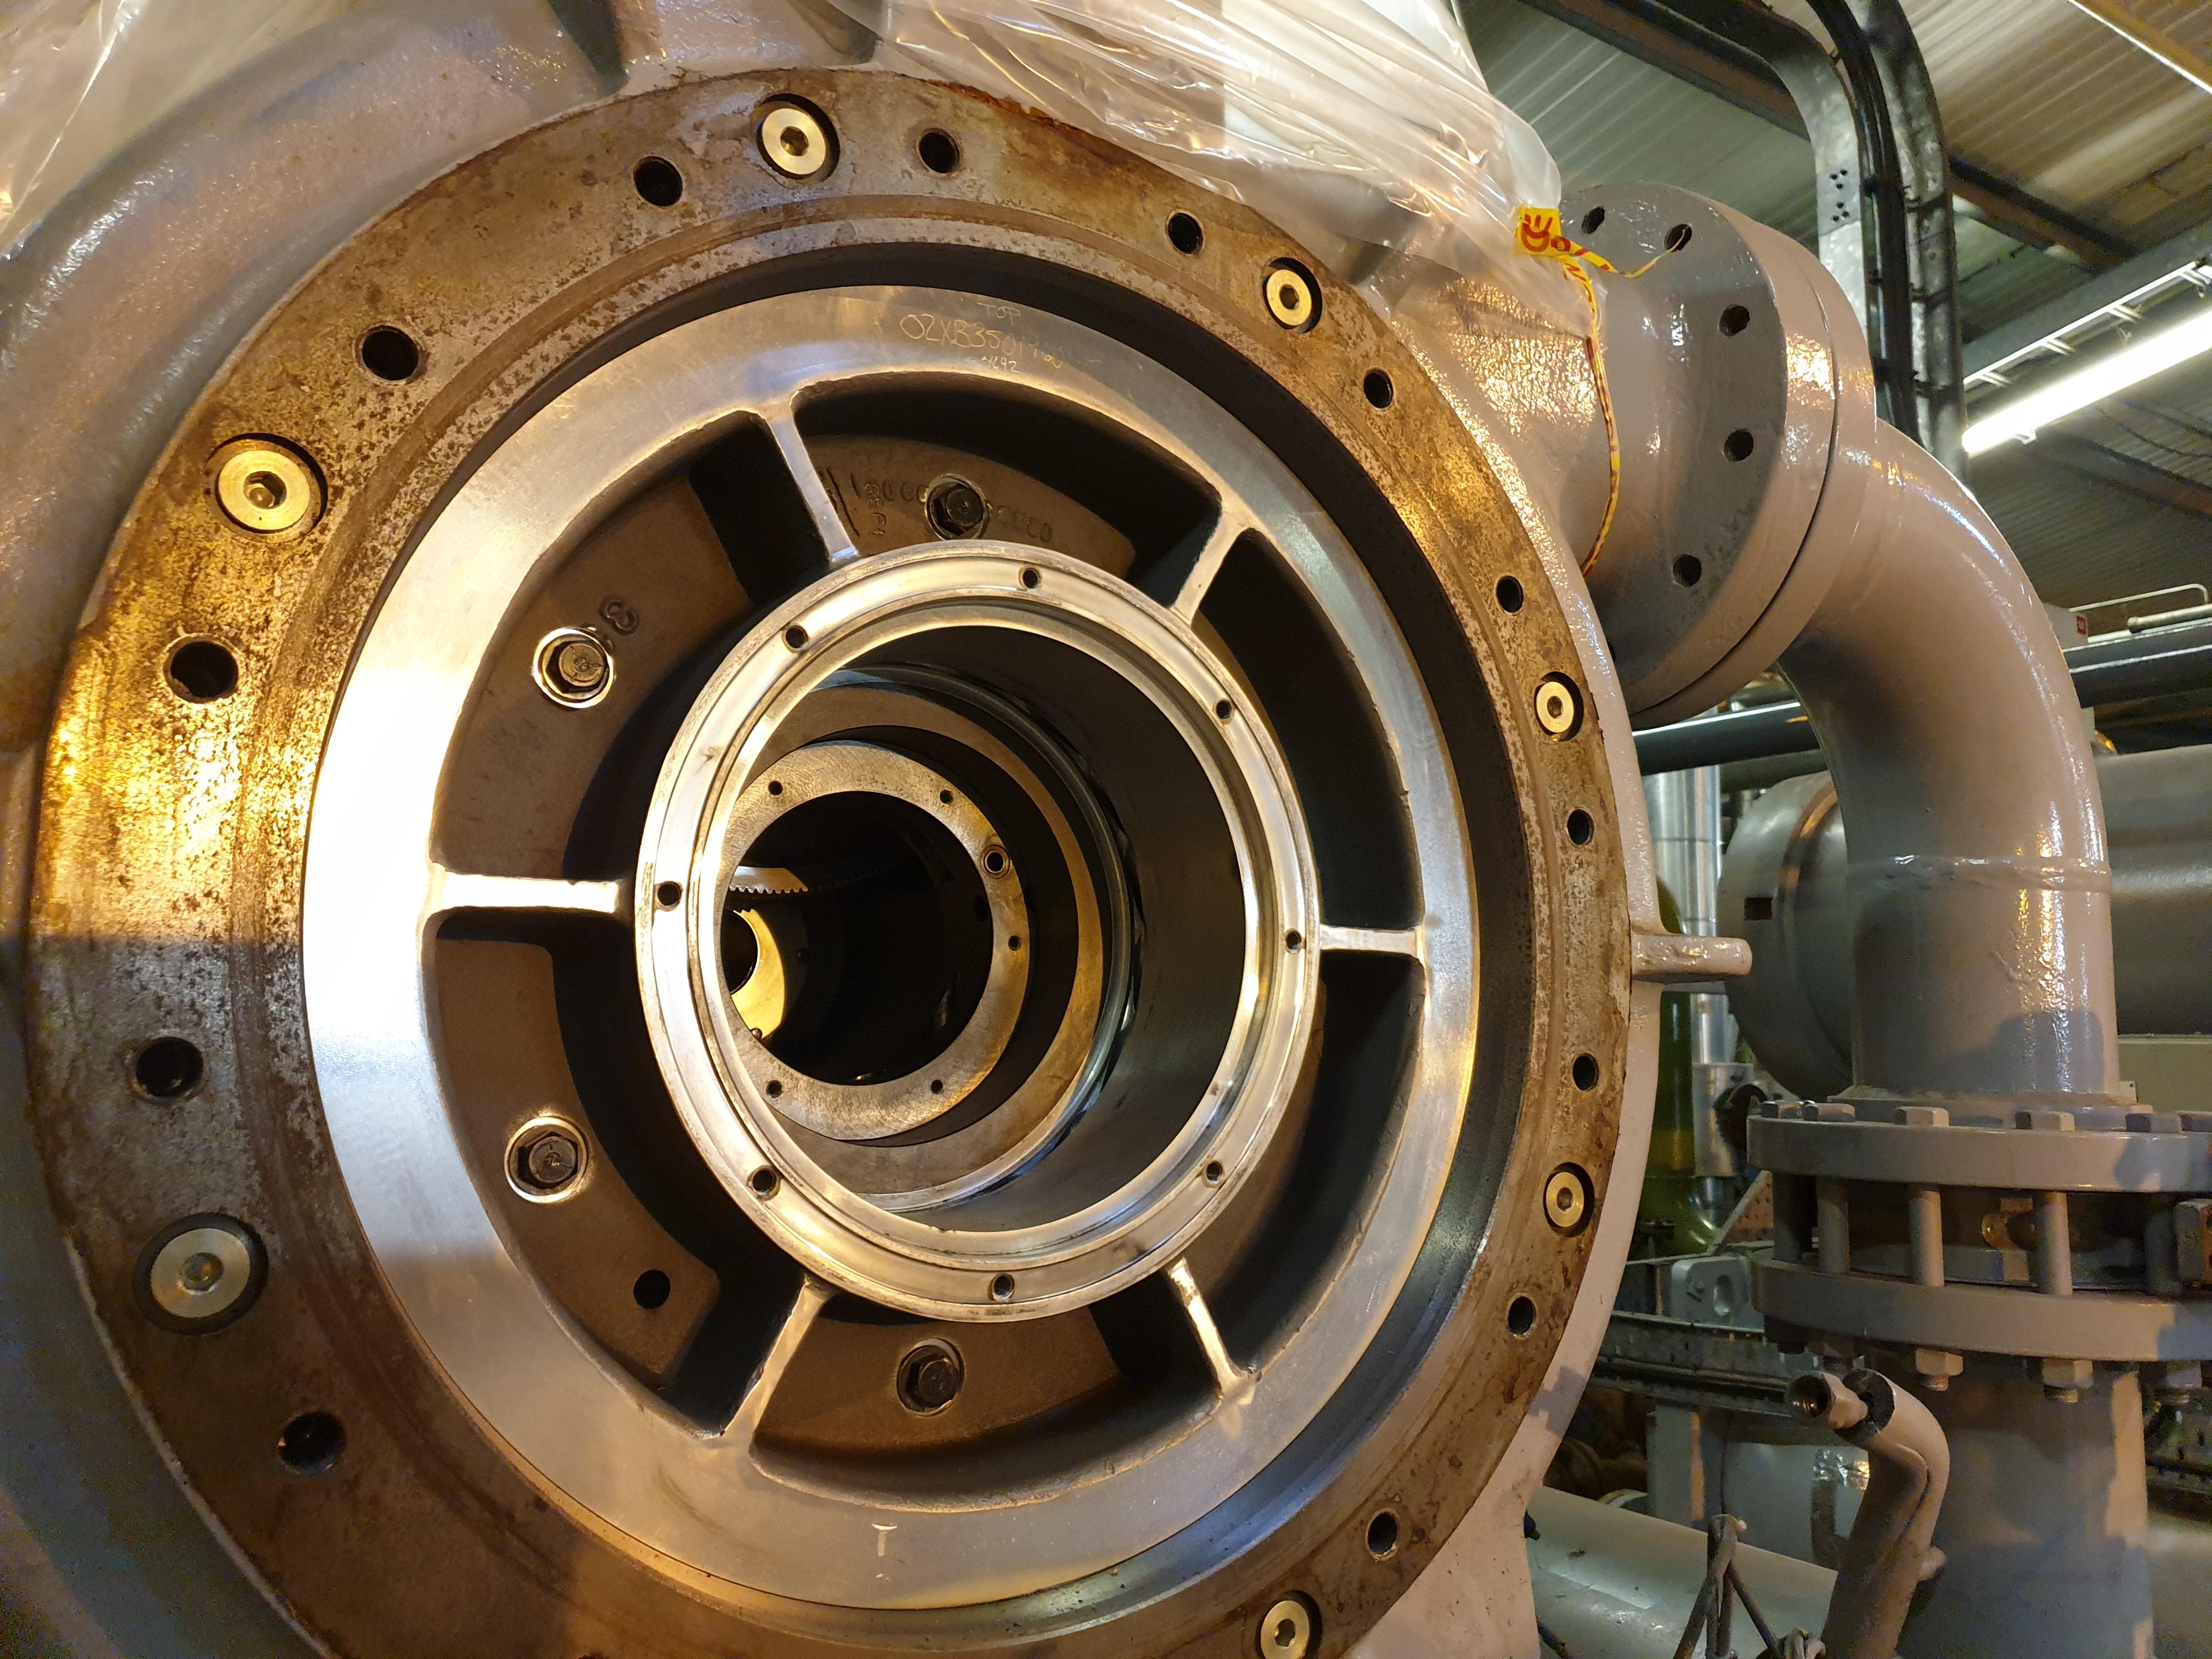 Remanufacturación del compresor centrífugo que se muestra en el interior del compresor